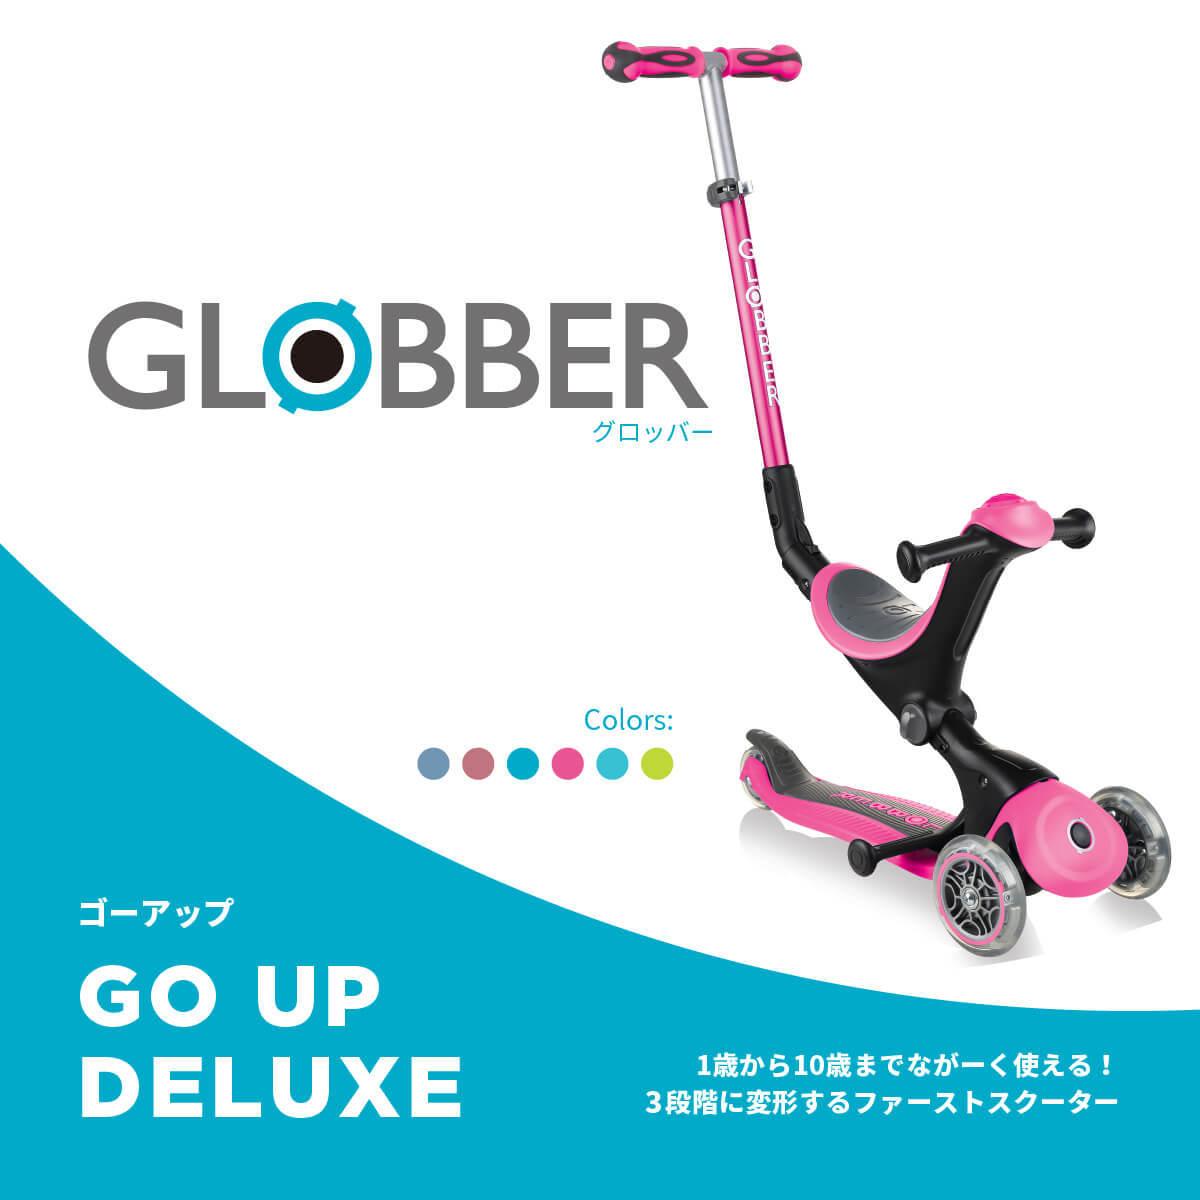 GLOBBER グロッバー ゴーアップ | キックボード 3輪 キッズ キックスクーター 乗用玩具 外 三輪車 男の子 女の子 おしゃれ かわいい ギフト 誕生日